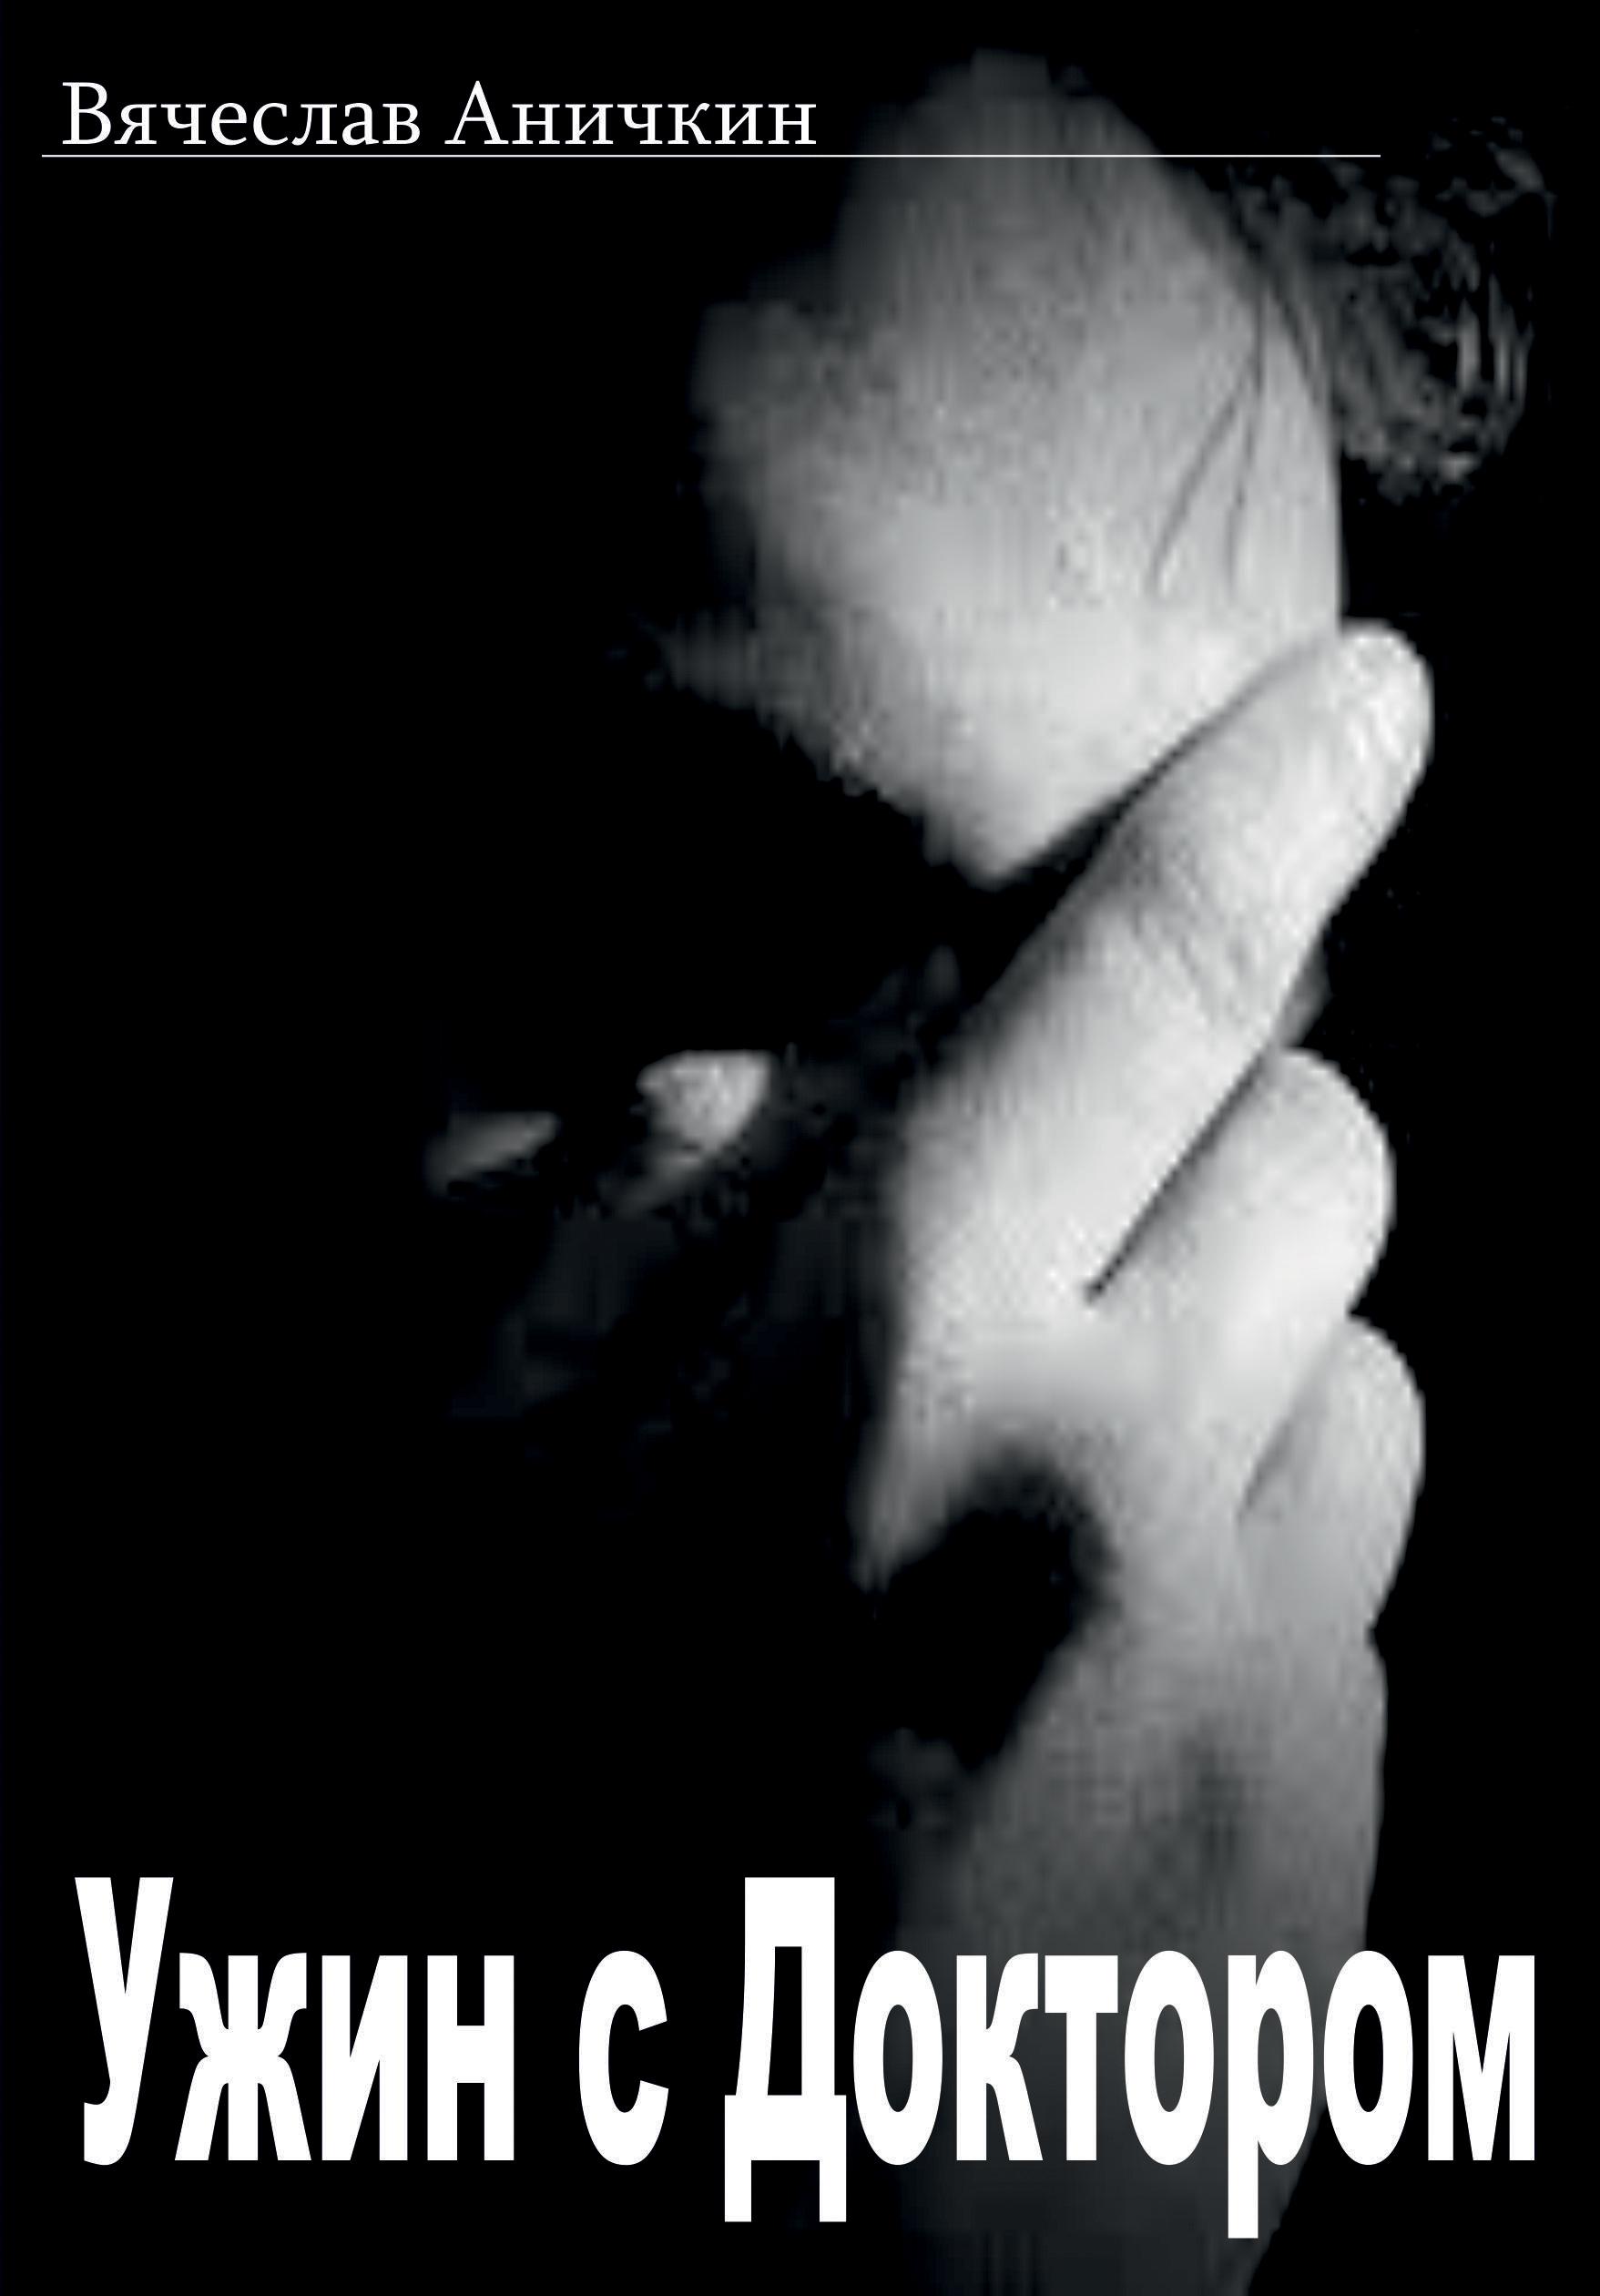 Вячеслав Аничкин Ужин с Доктором михаил матвей михайлович десницкий беседа из труда пищи и покоя о том что изтекшая из камня христа кровь и вода есть купель очищения